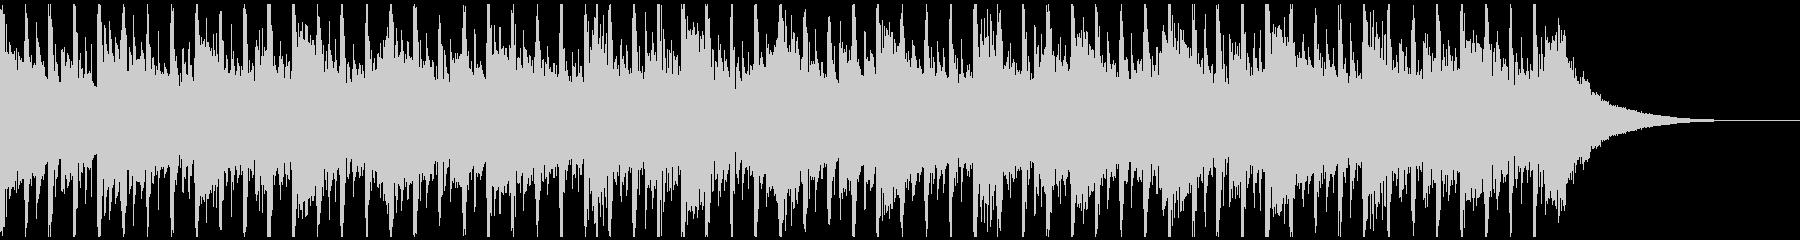 アーキテクチャ(35秒)の未再生の波形